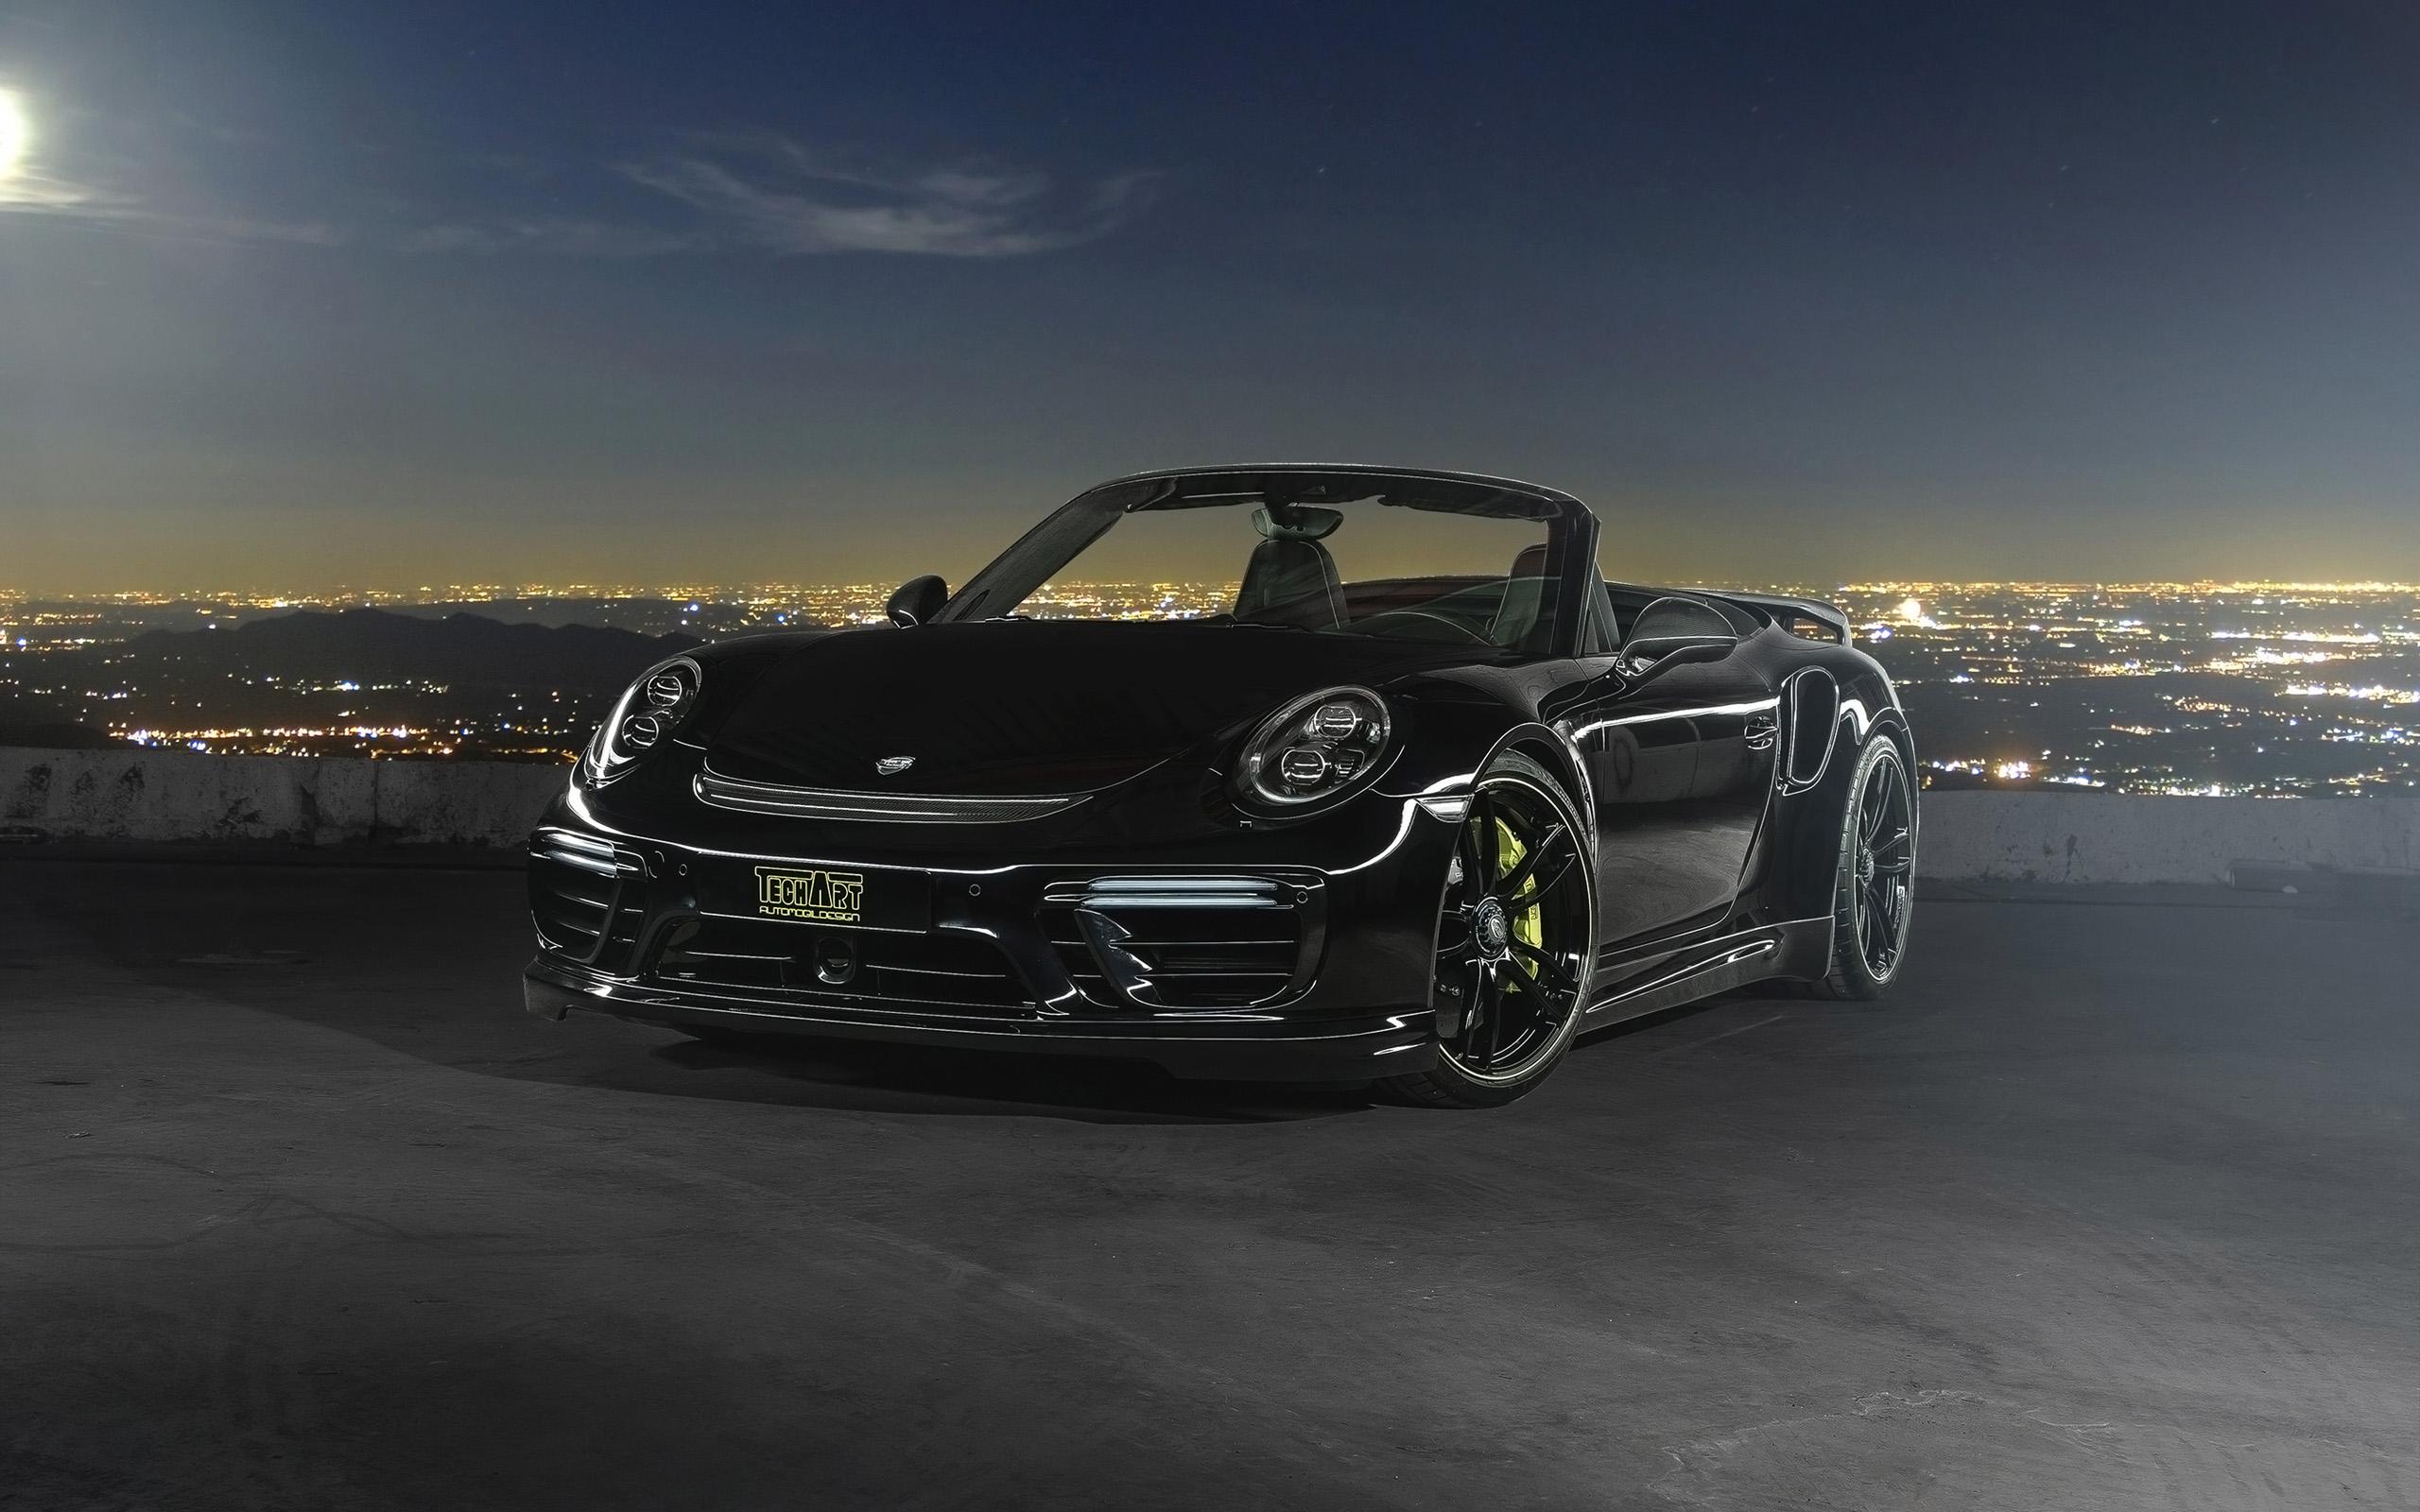 2016 TechArt Porsche 911 Convertible Wallpaper